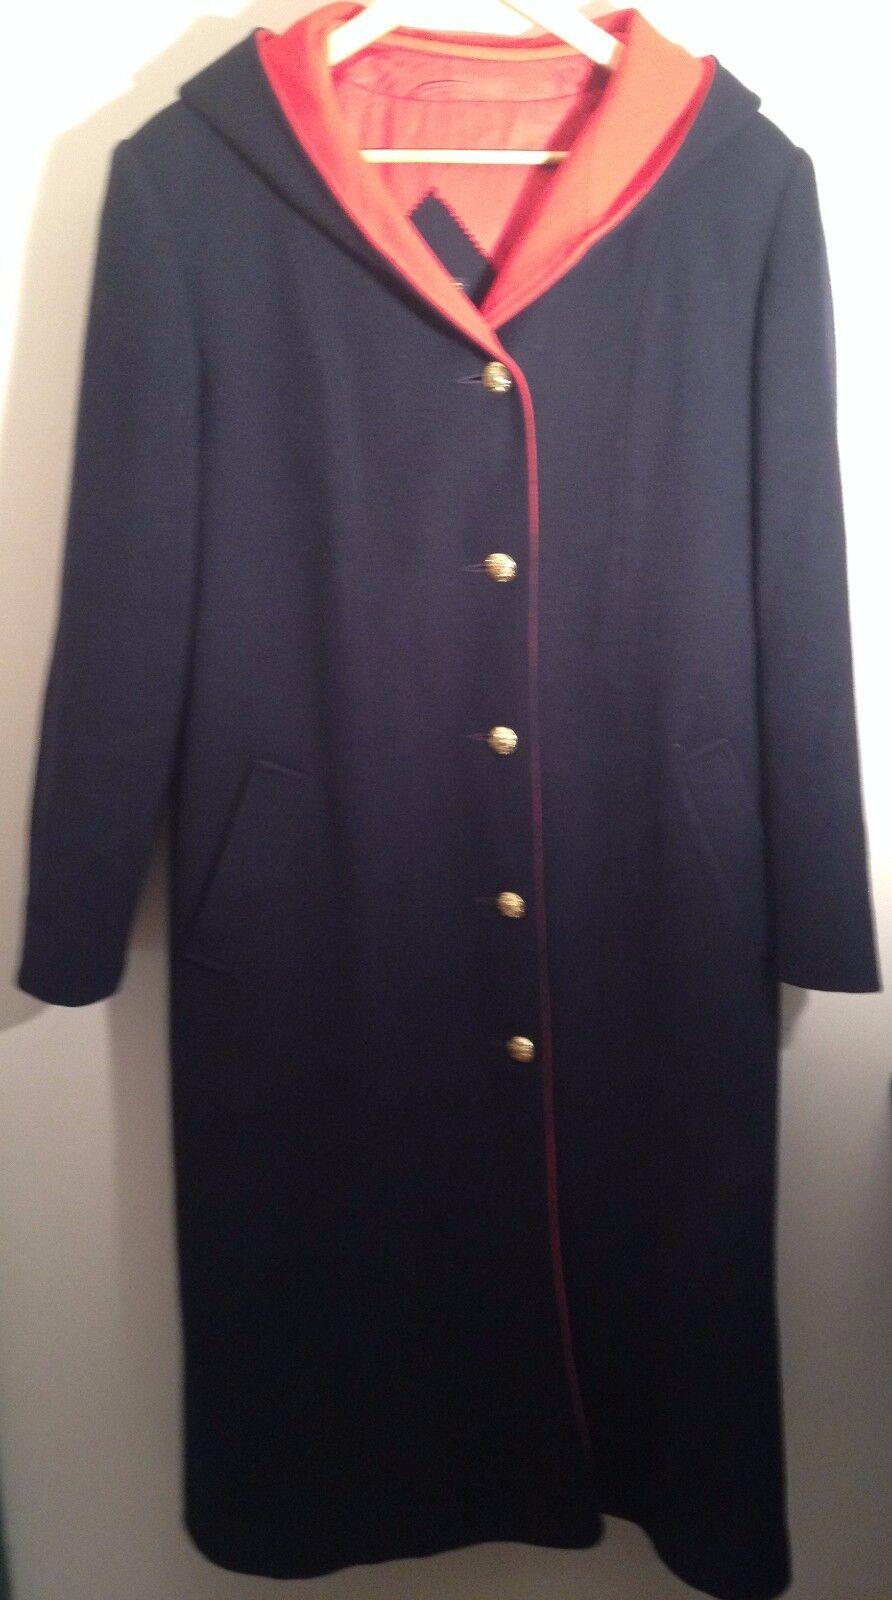 MacKintosh Abrigo vestcoat Tamaño Mediano Vintage con capucha  de lana larga rojo azul marino  mejor calidad